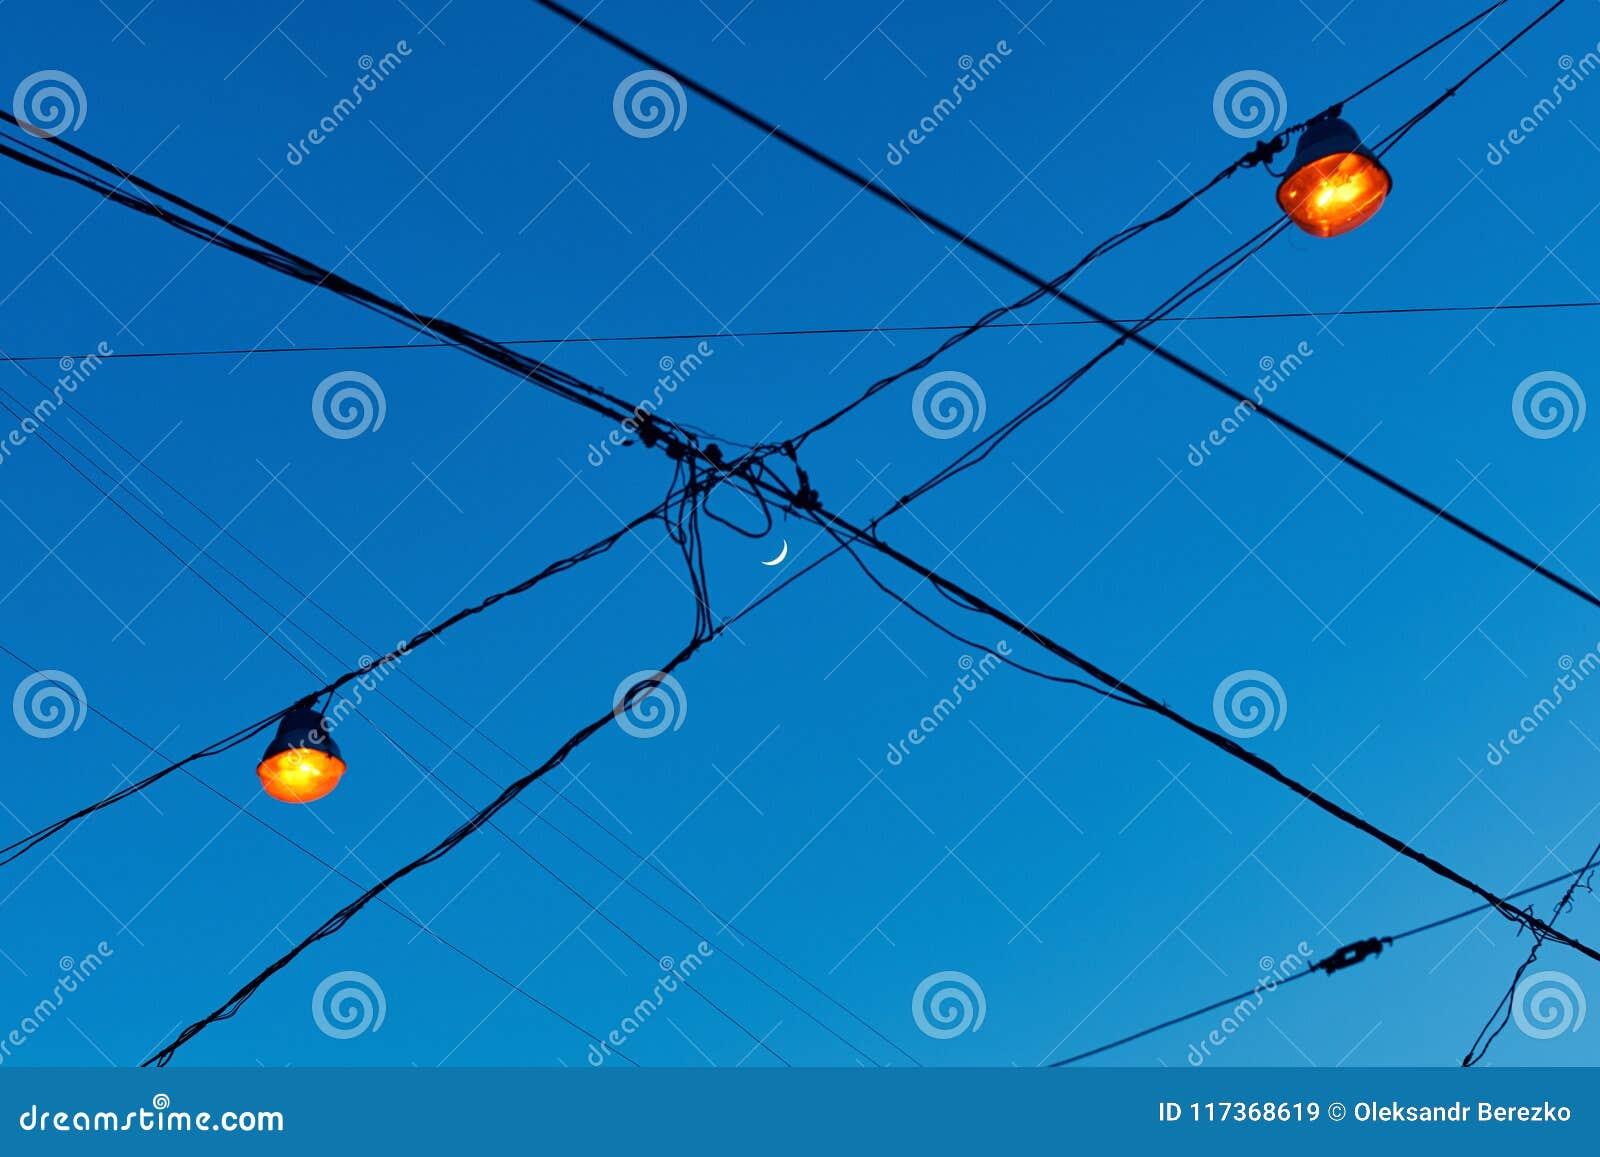 Mening van nieuwe maanhalve maan door de elektrische draden op de straat met lichten die net zijn aangestoken